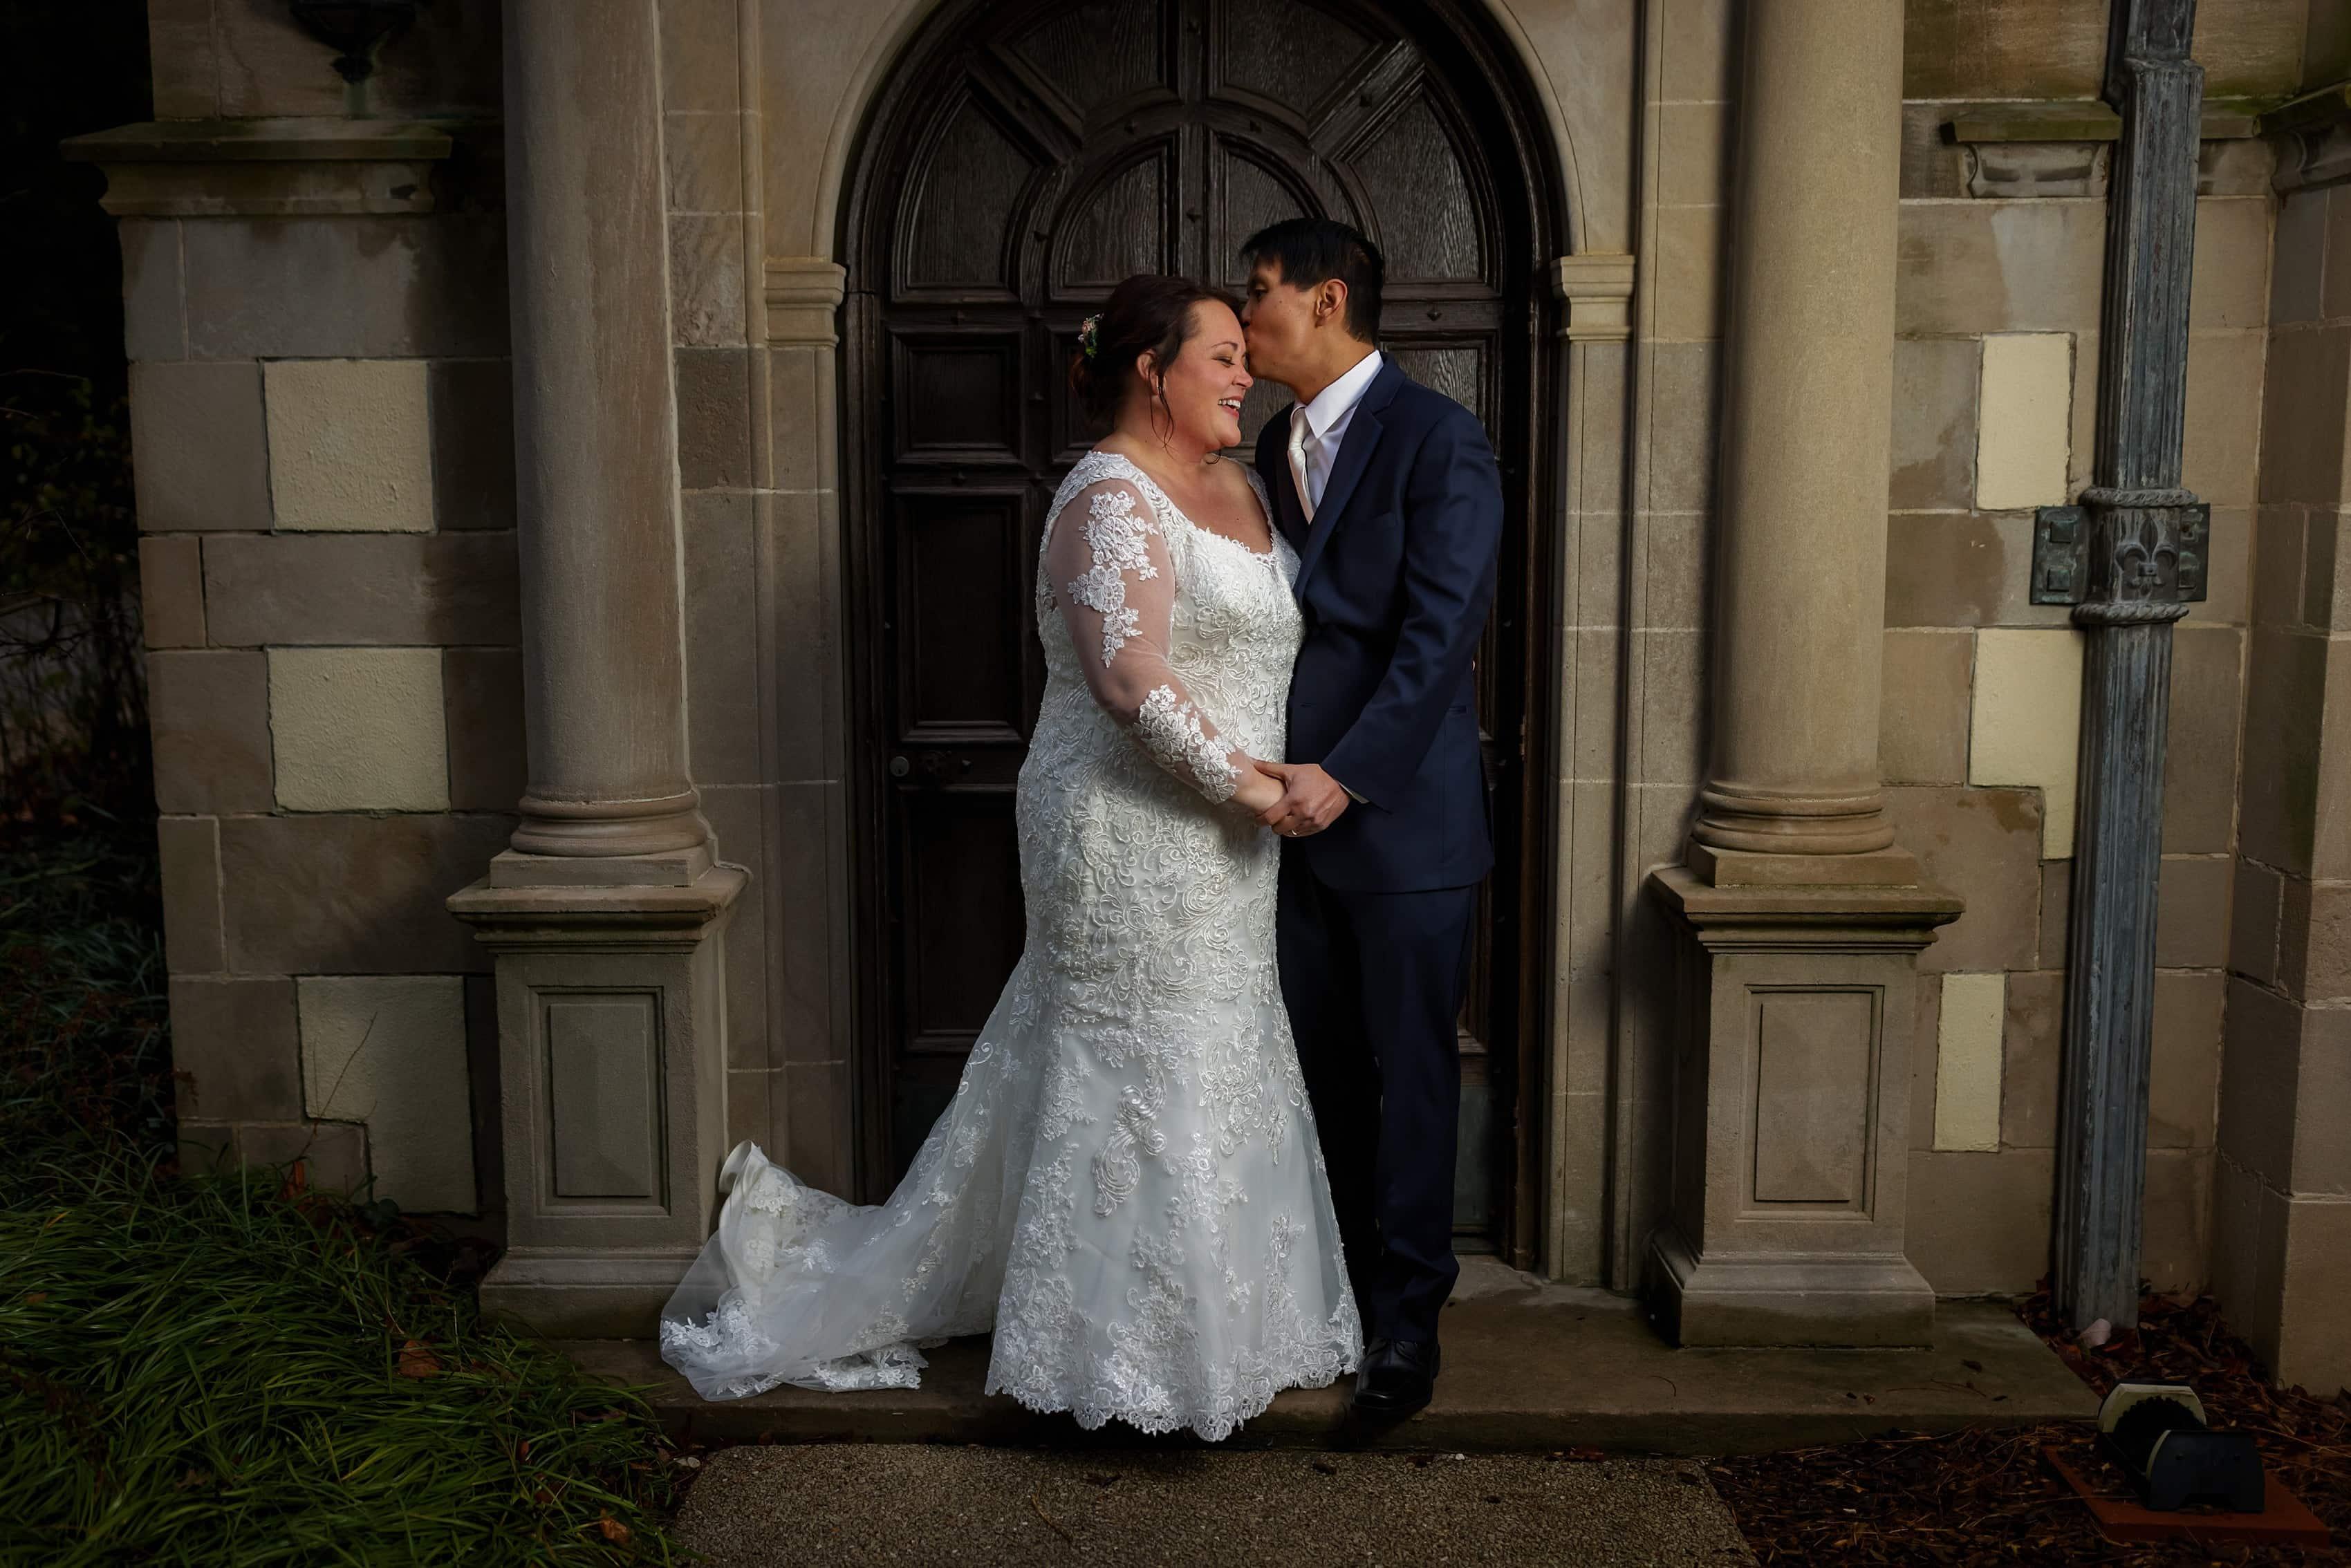 Morton Arboretum Wedding Photos: Megan & Alex